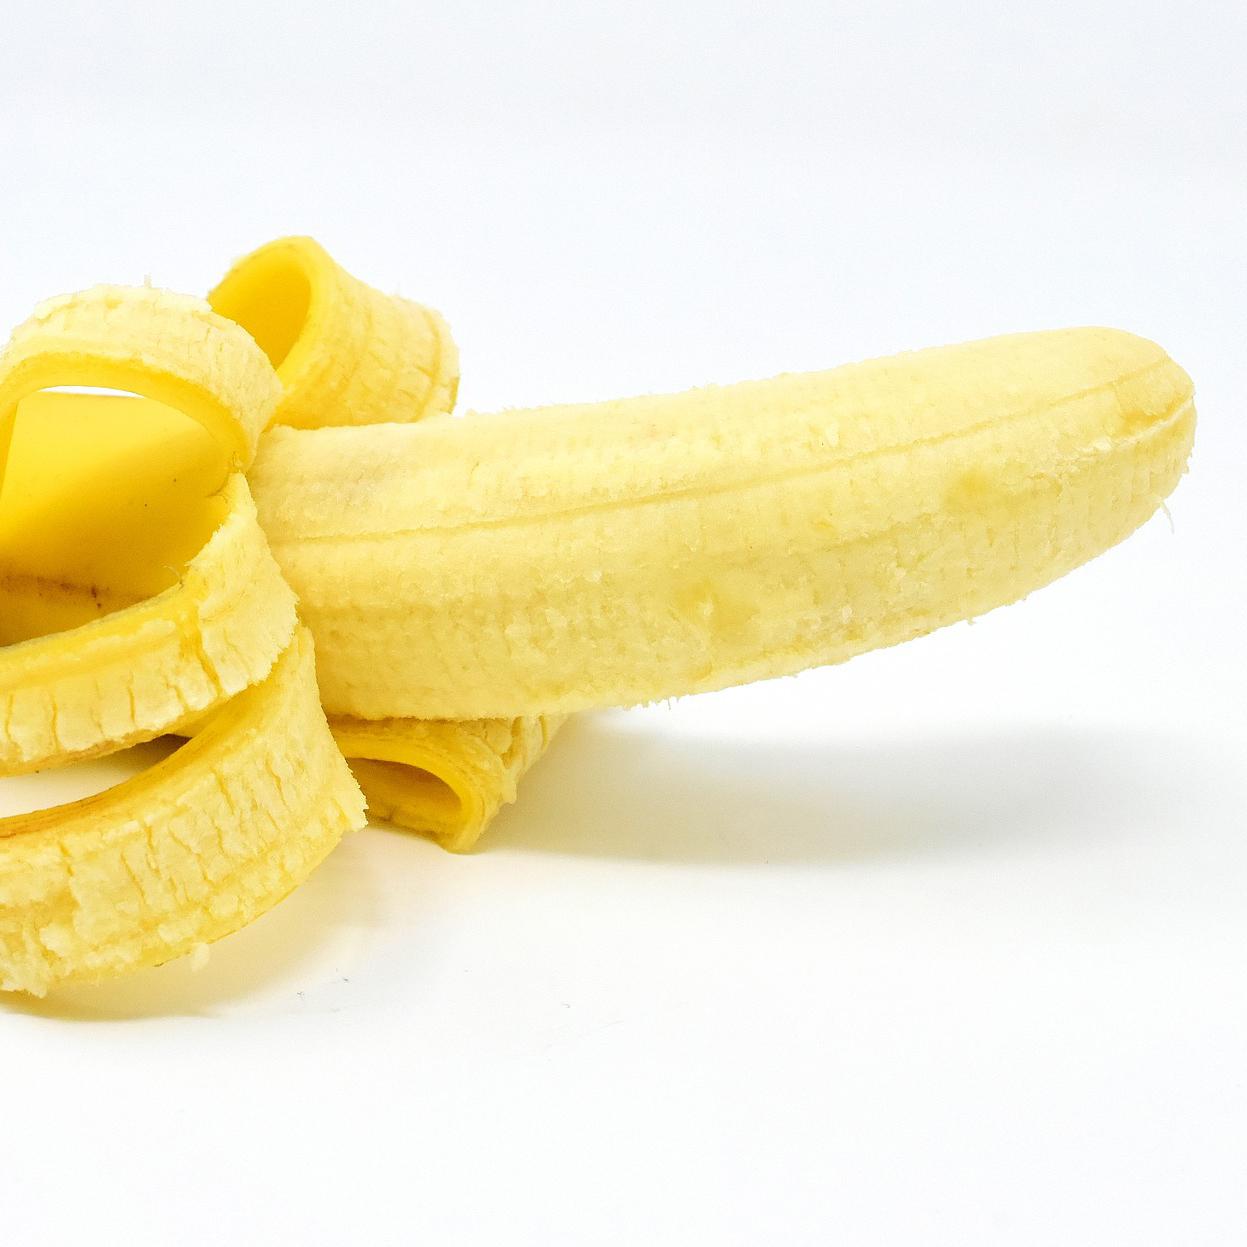 剥かれたバナナ